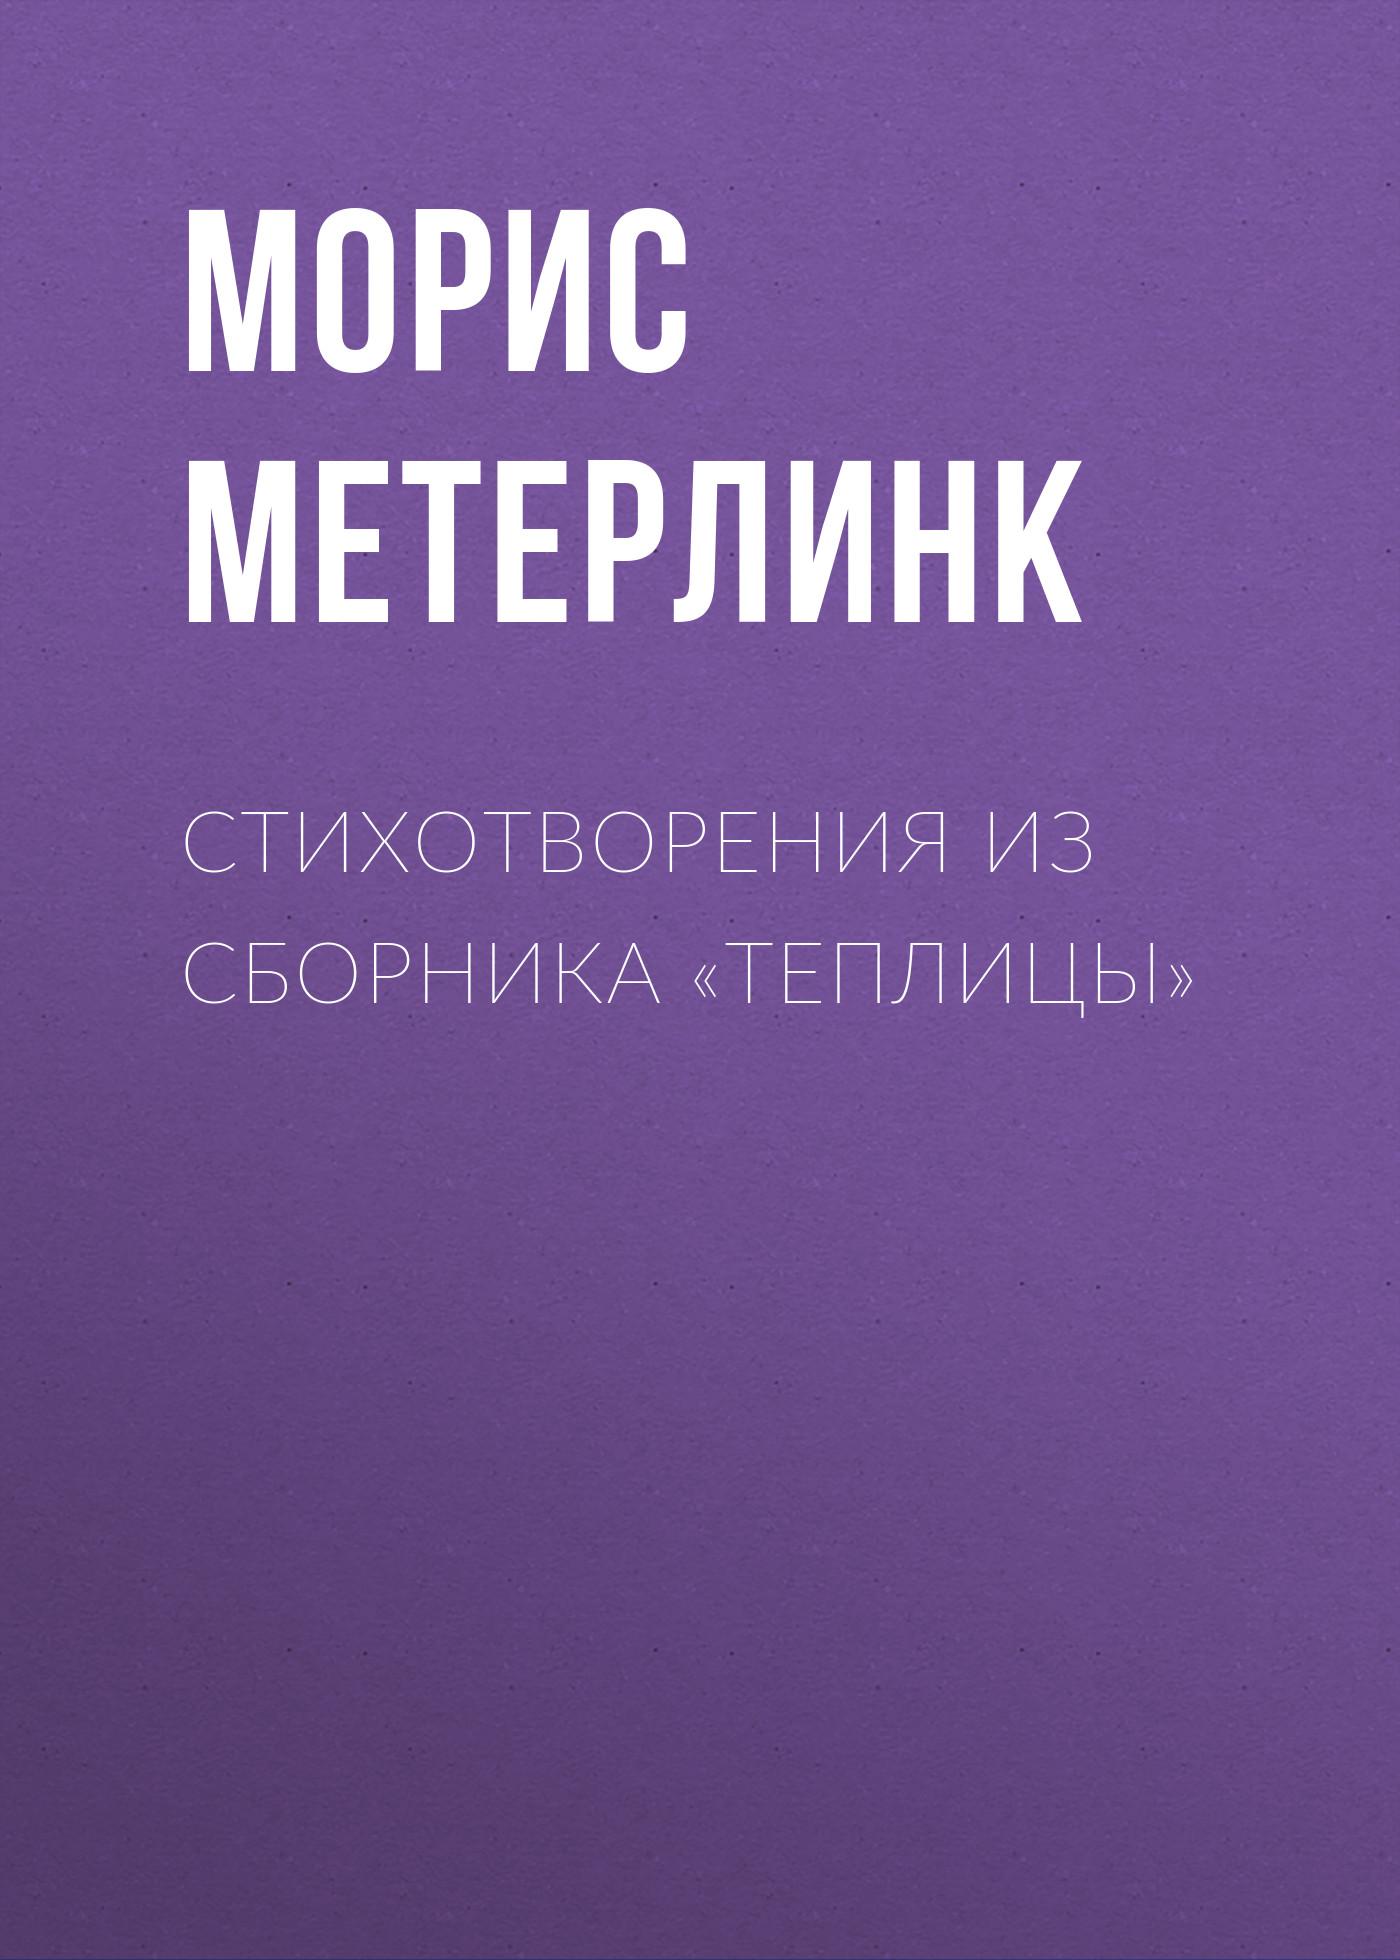 Морис Метерлинк Стихотворения из сборника «Теплицы» вставка для теплицы из оцинк трубы орион воля 2м